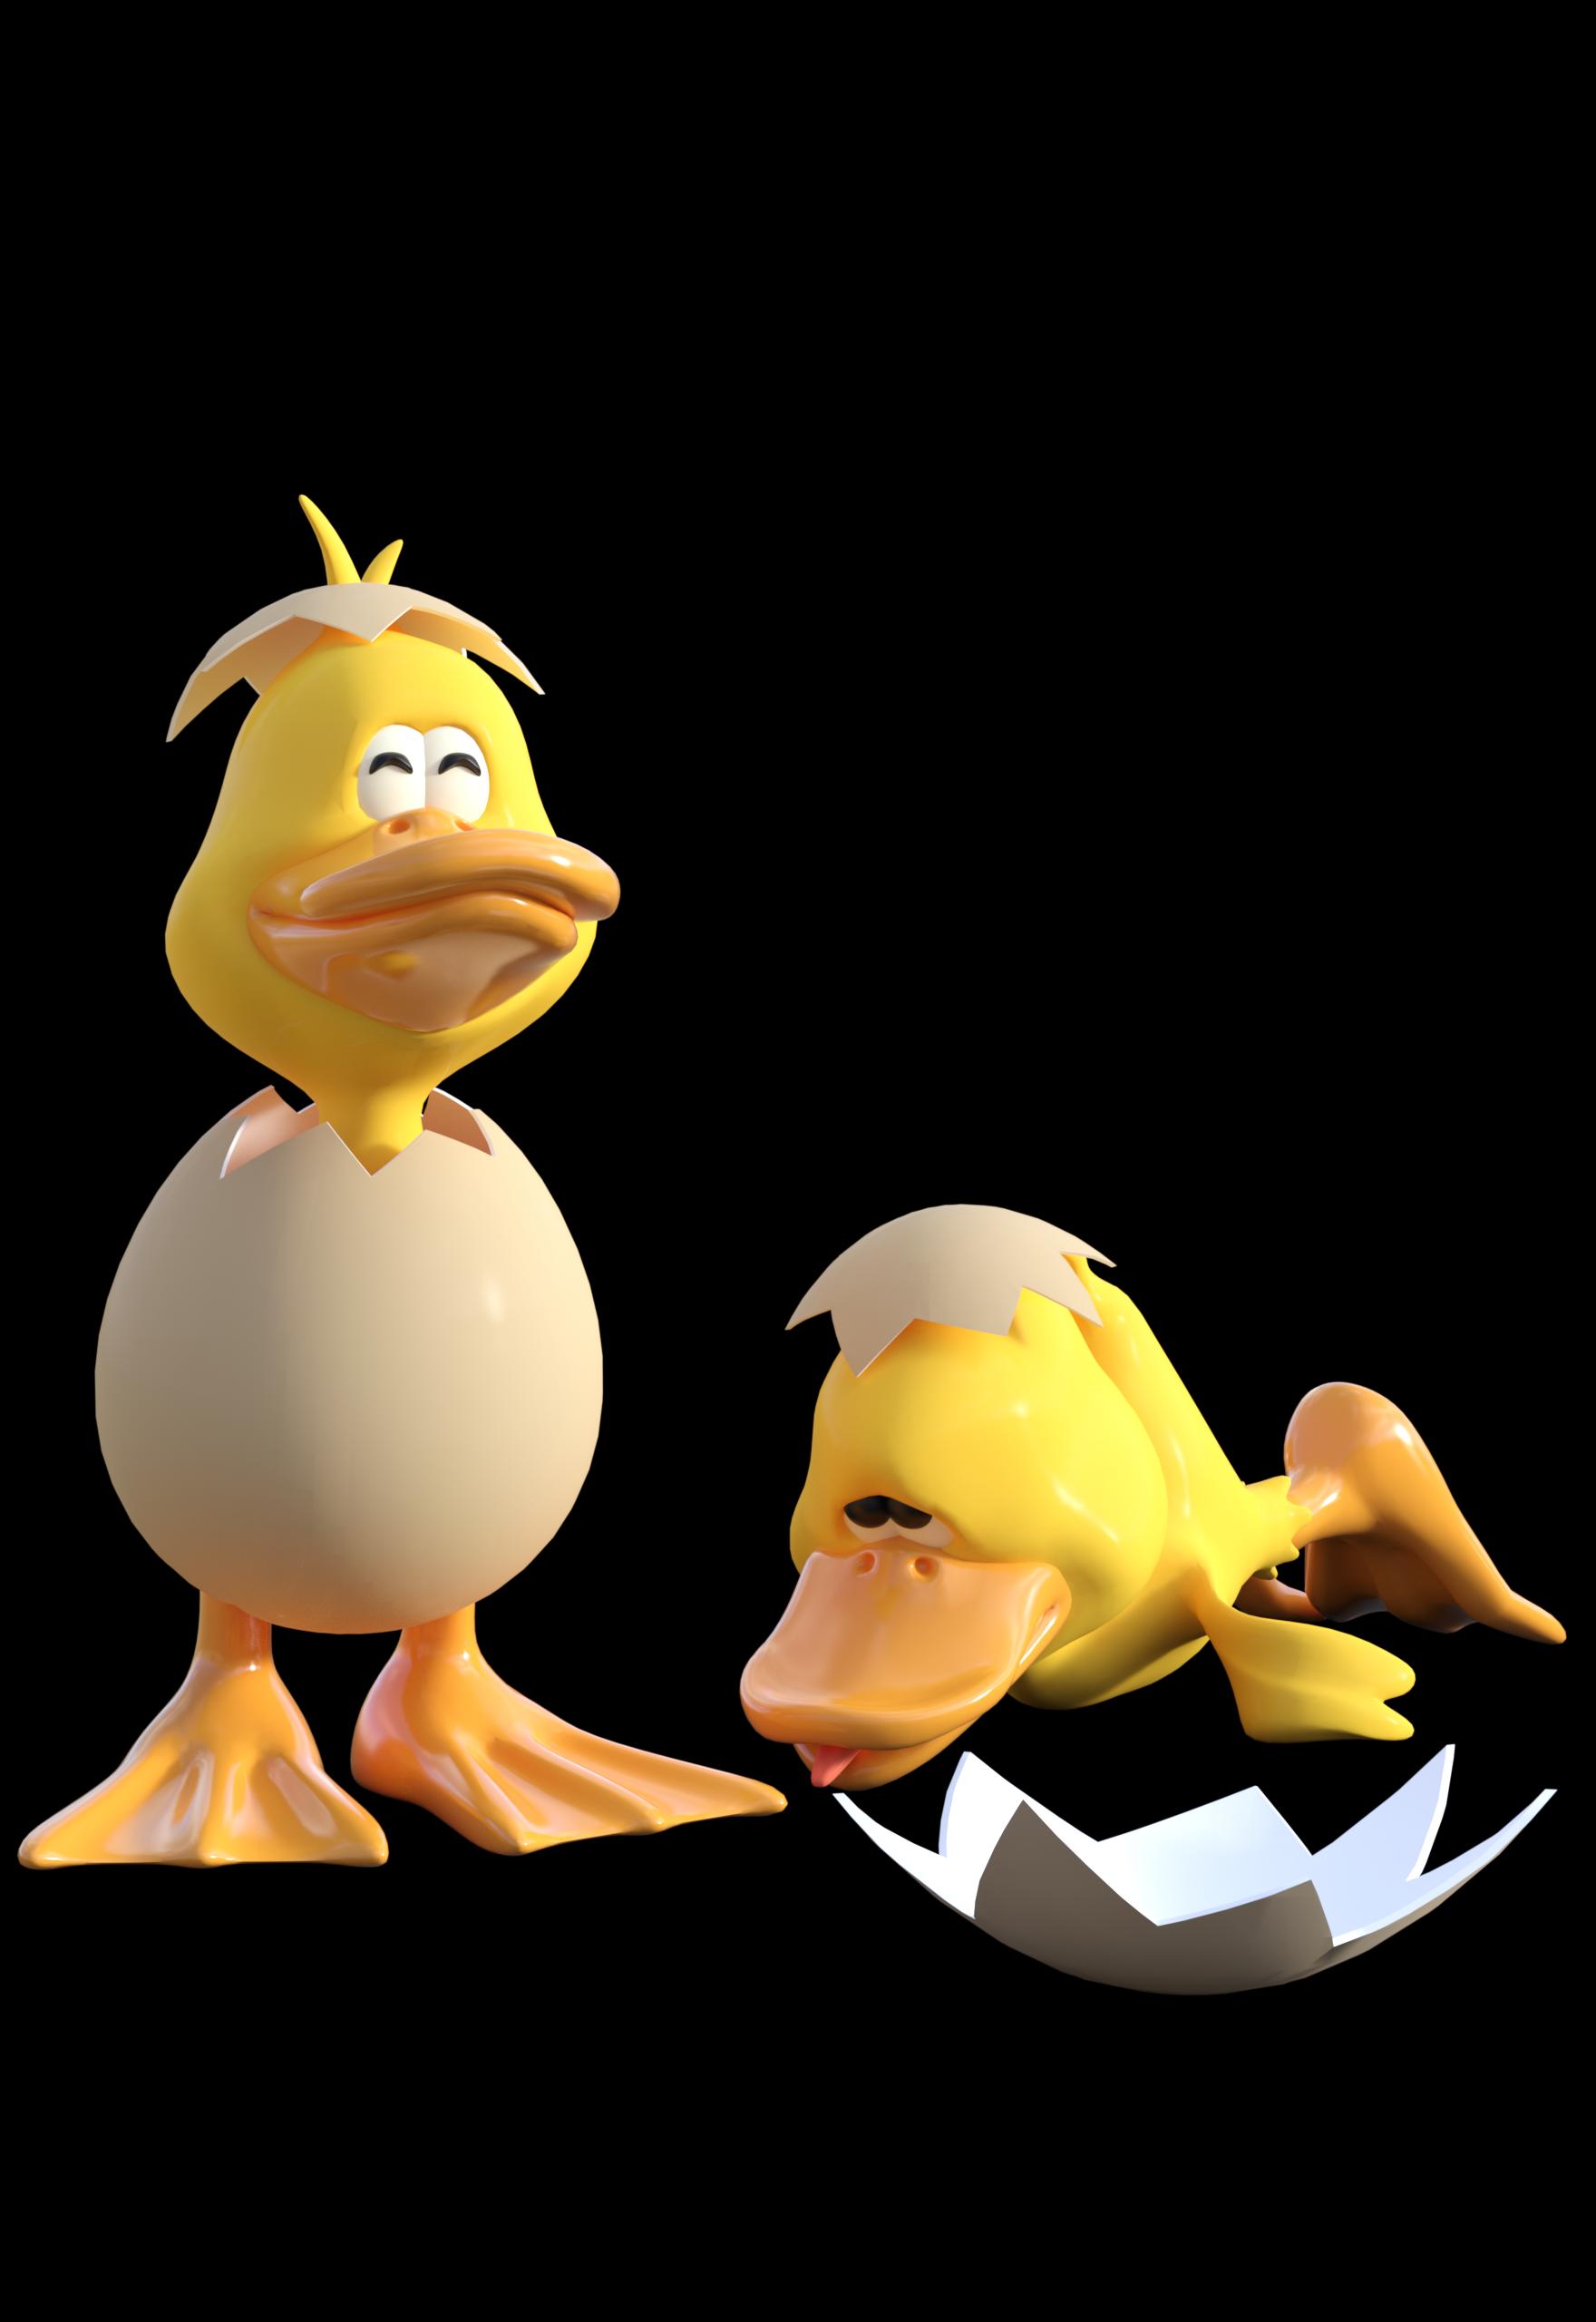 anime Baby Ducks in Eggs Shell